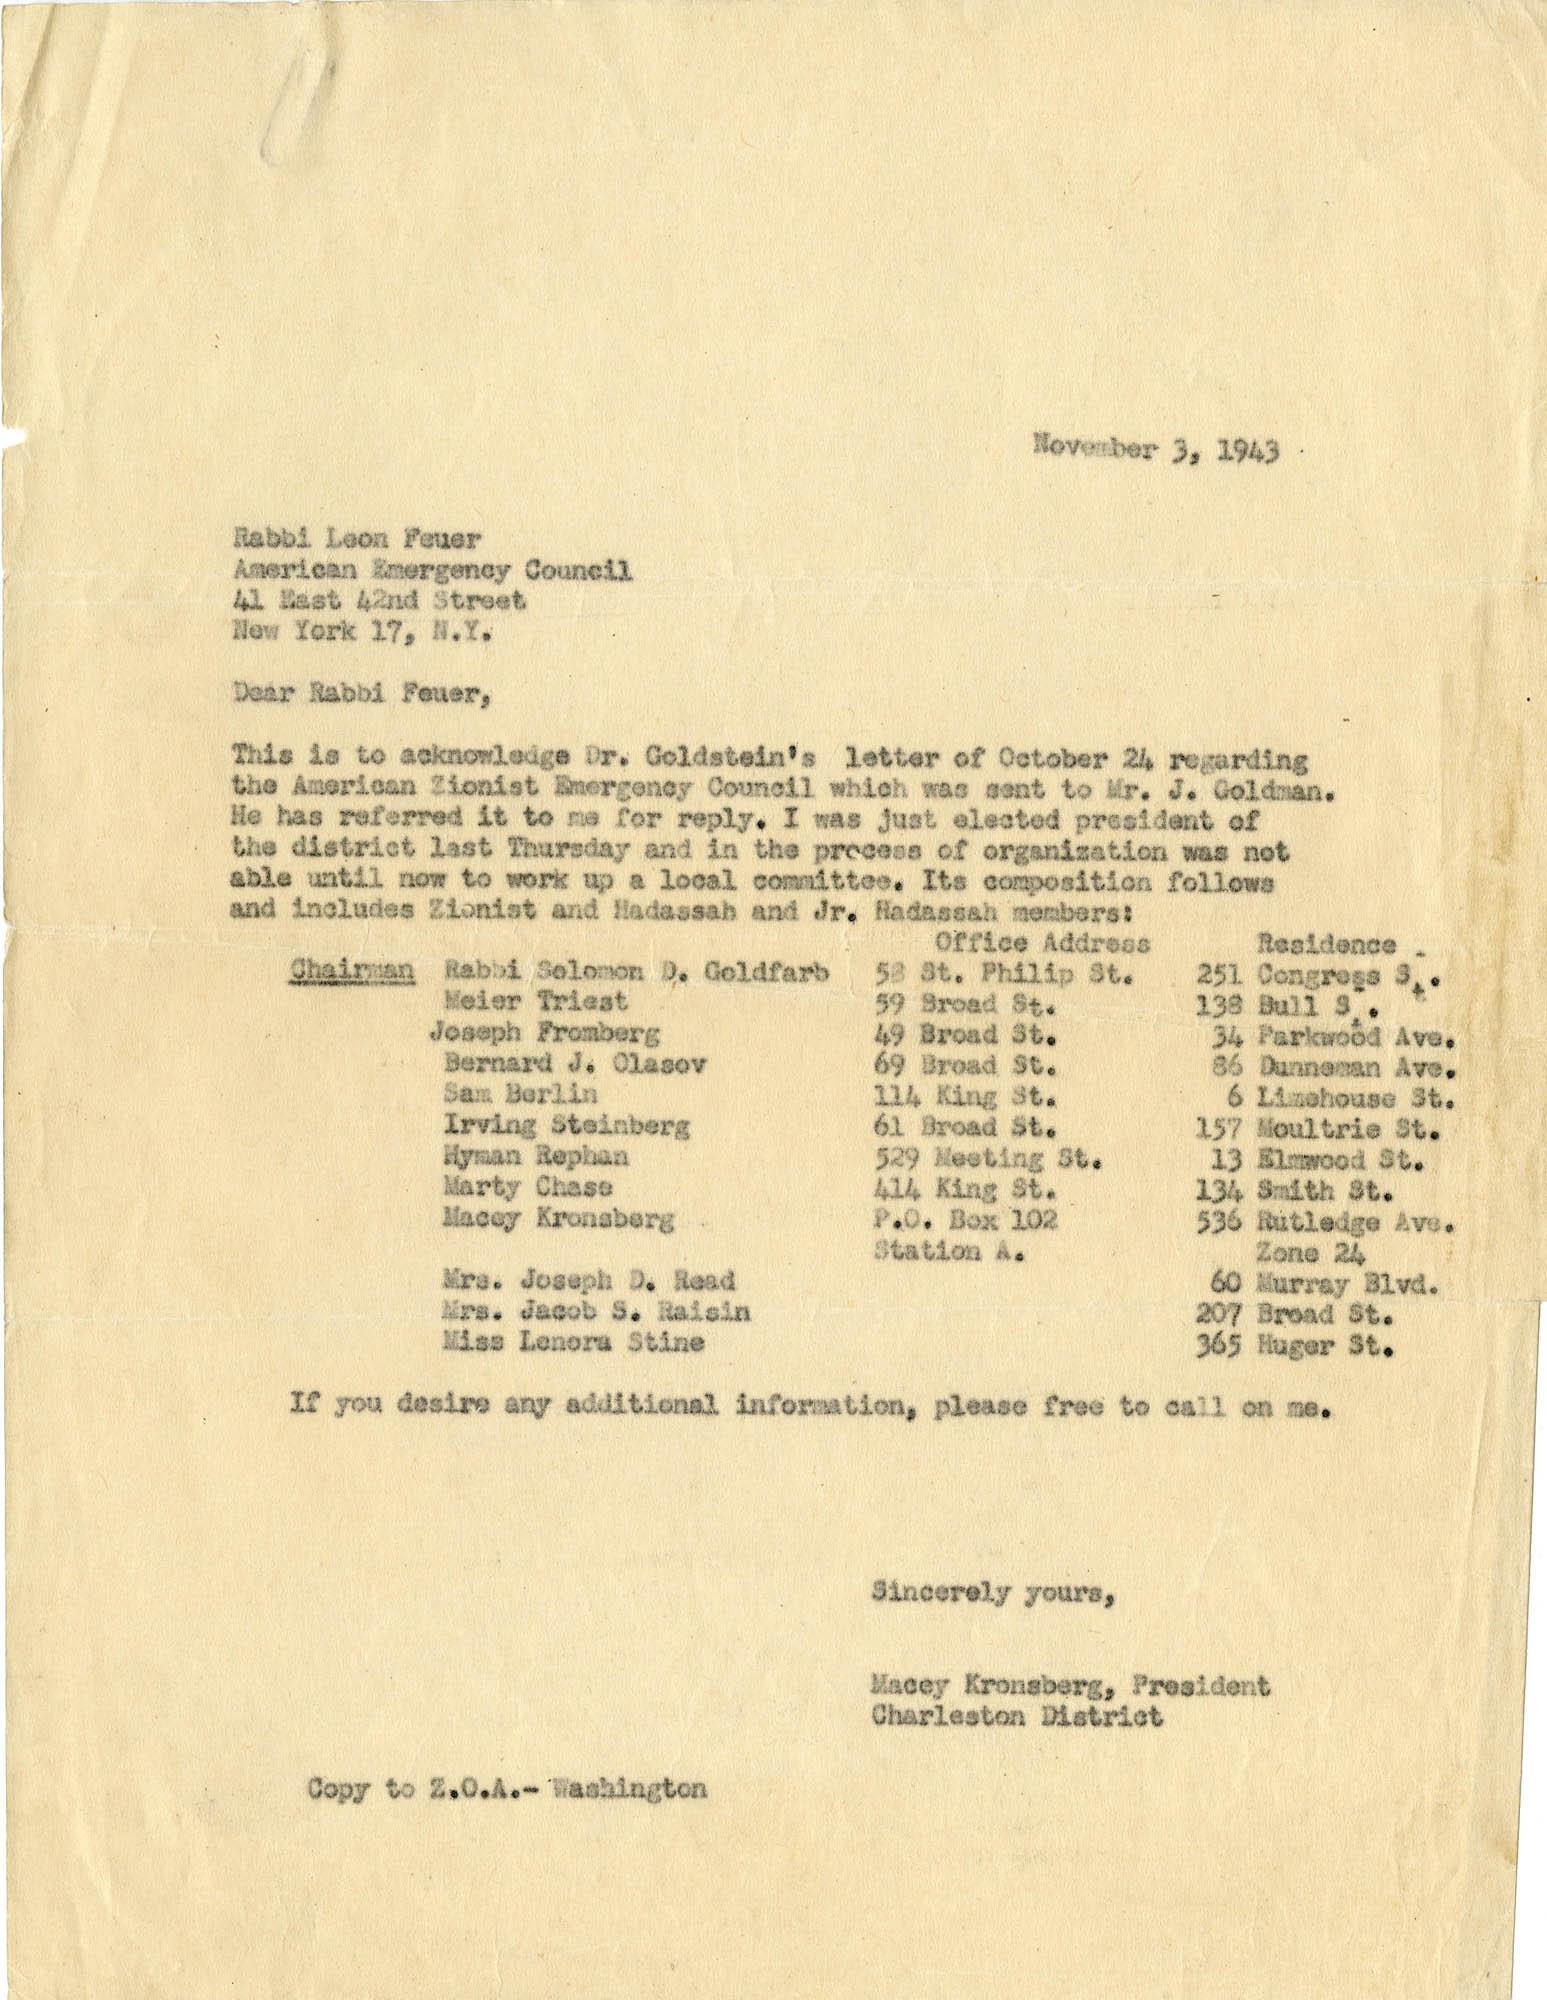 15. Macey Kronsberg Letter